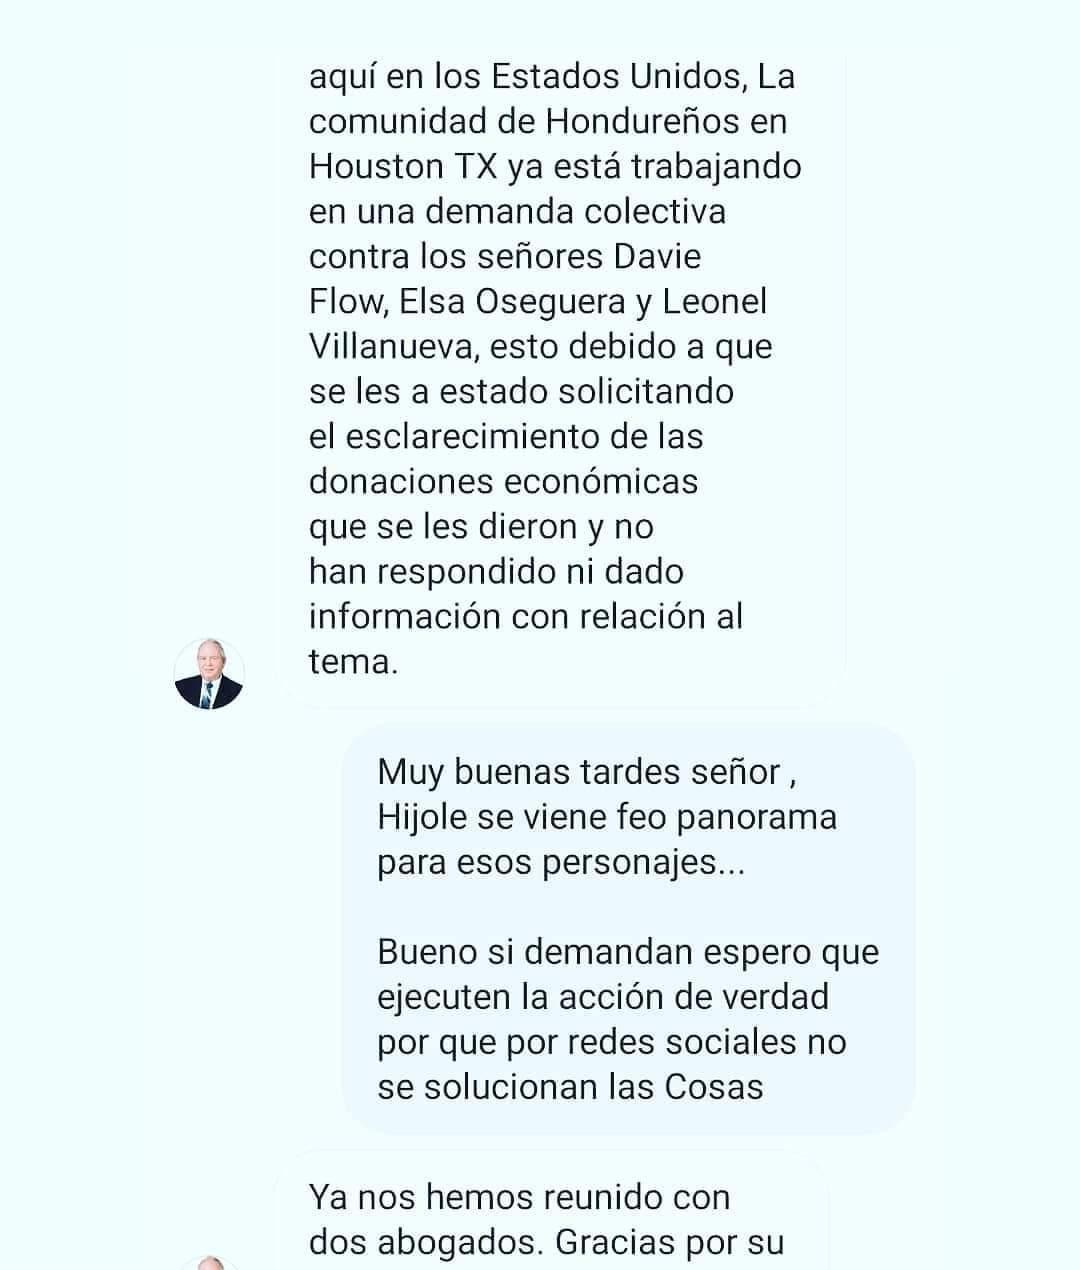 Elsa Oseguera Davis Flow robo